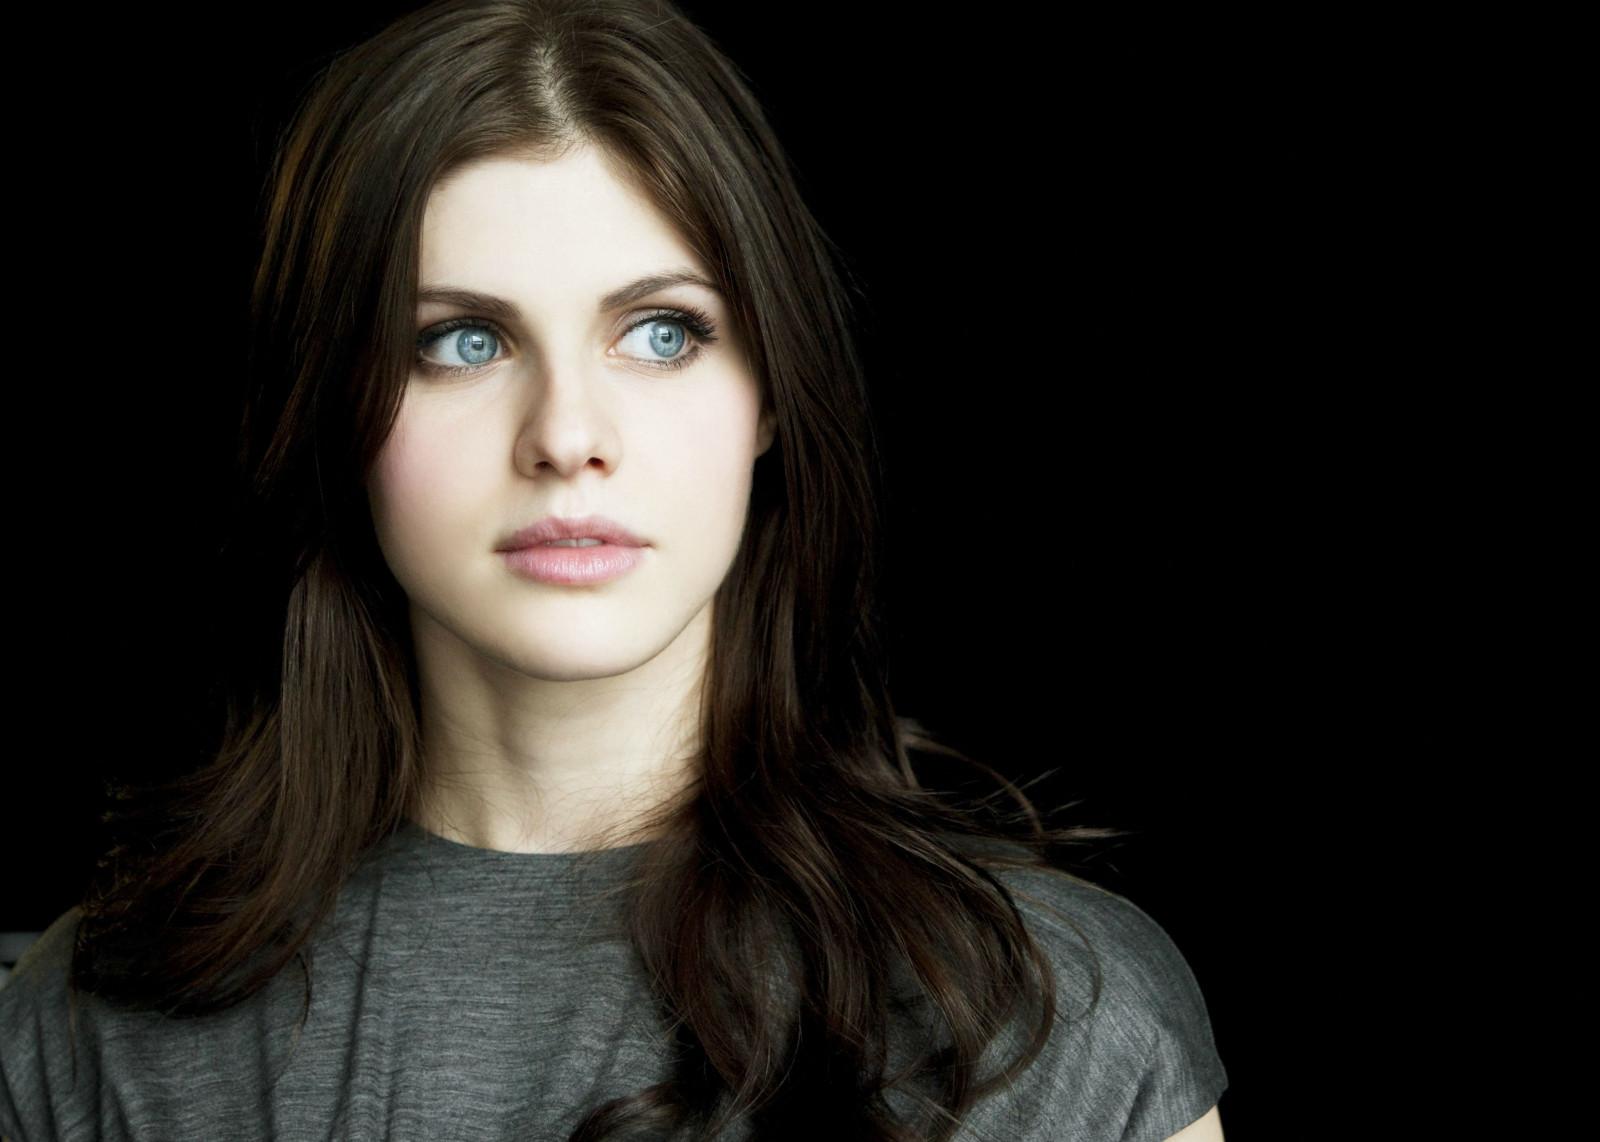 Русская актриса с черными волосами и голубыми глазами